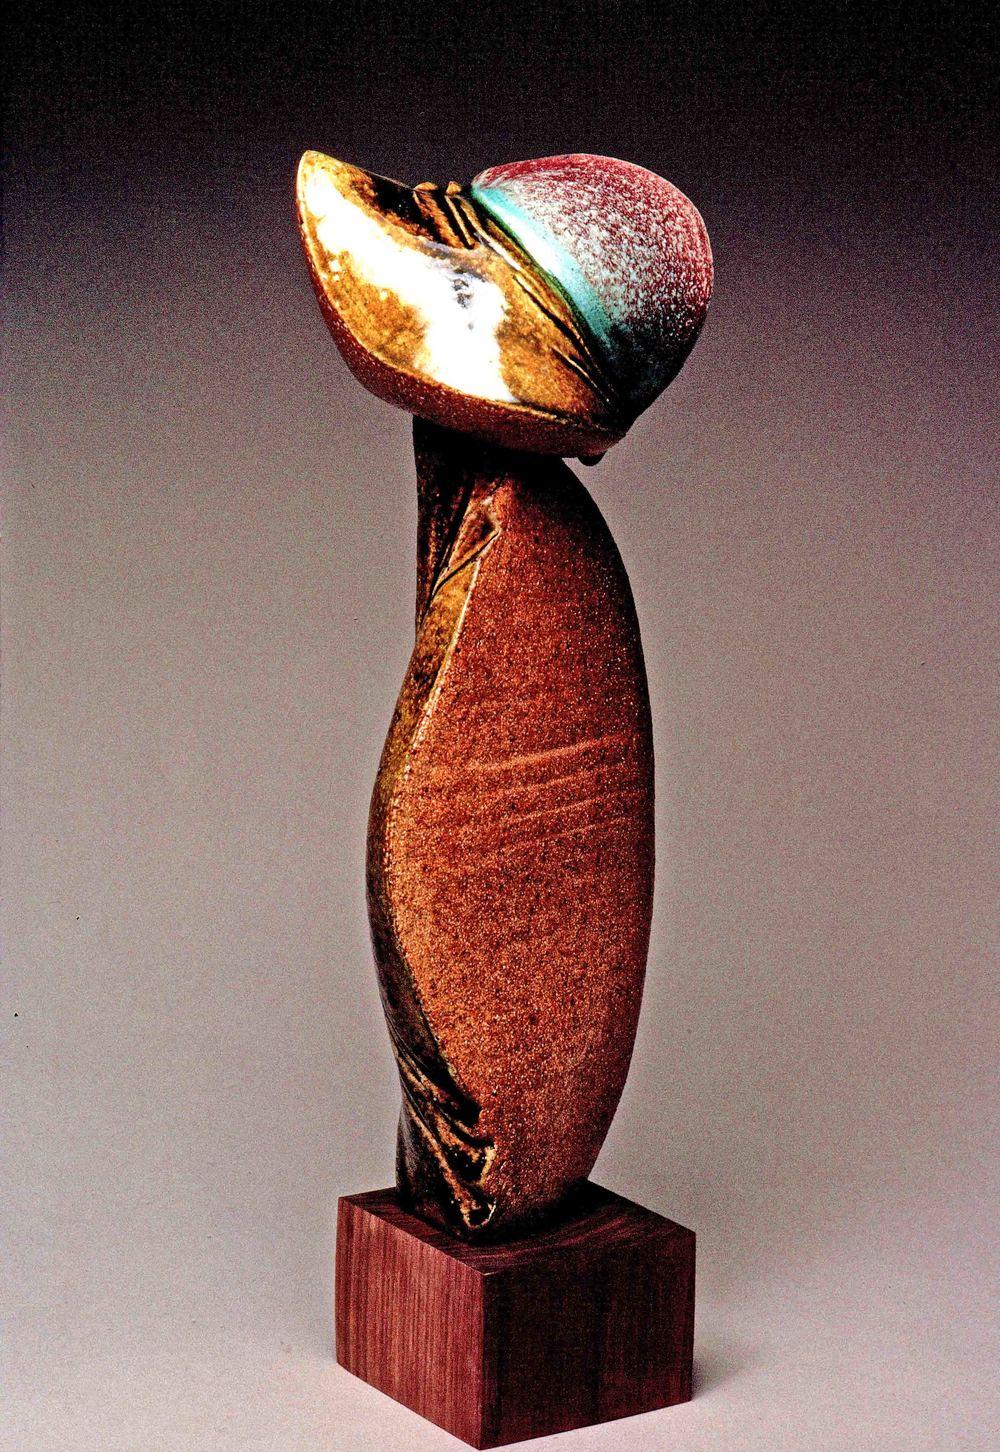 sculpture-32.jpg